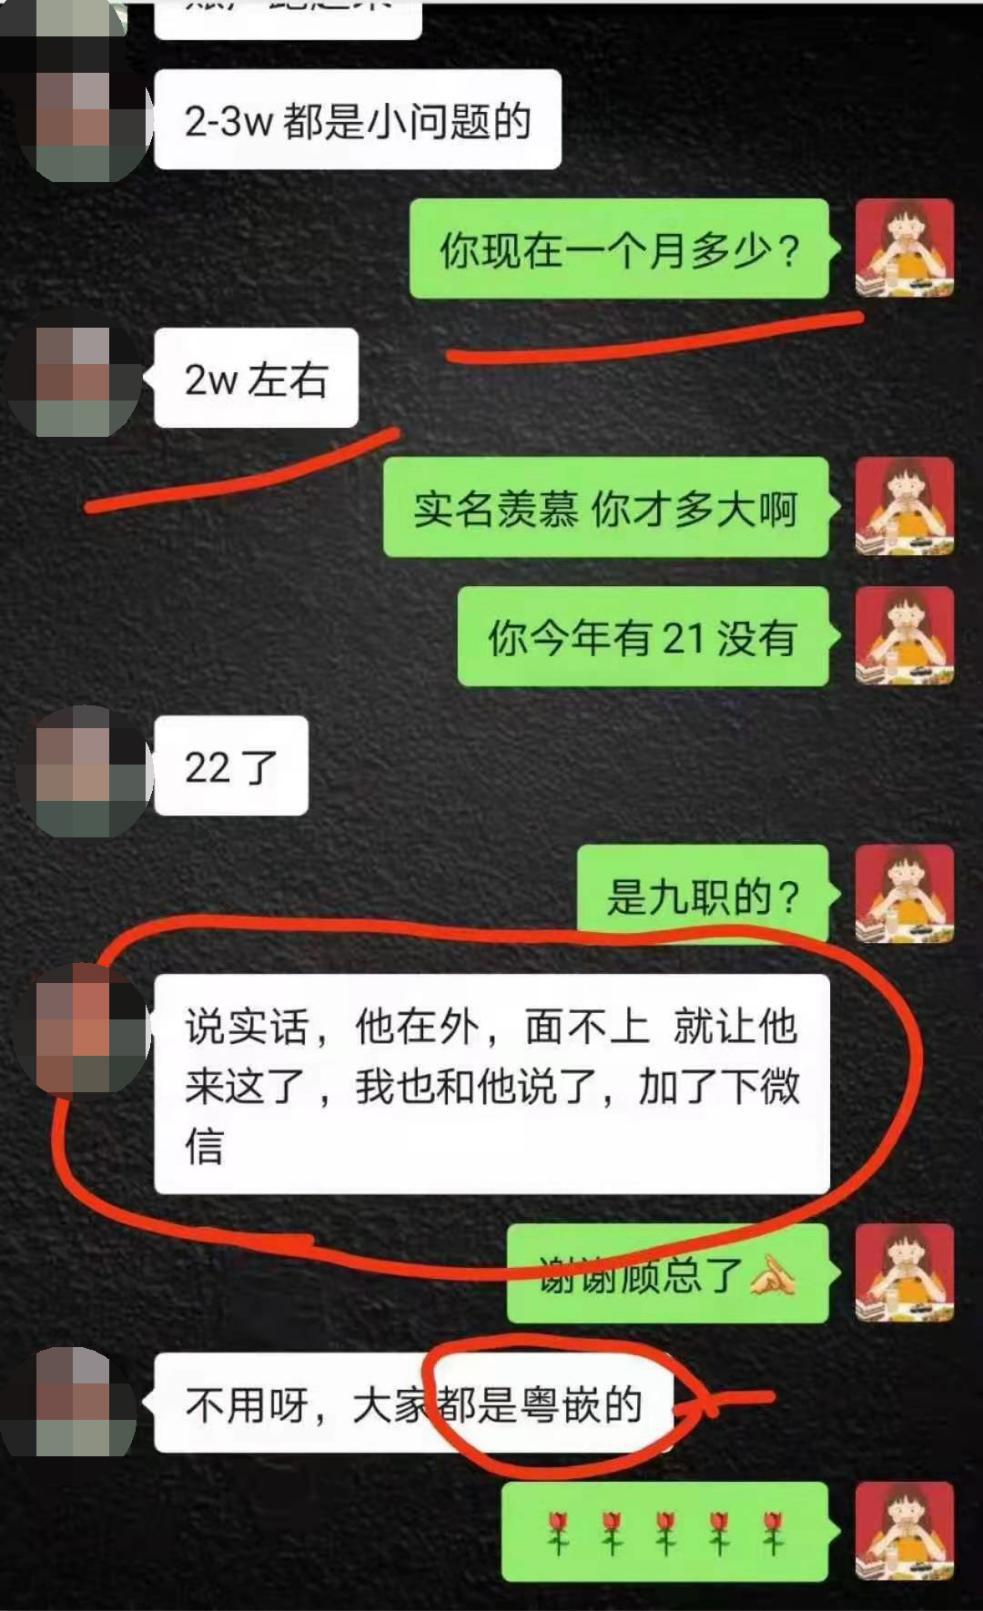 粤嵌学长:22岁拿到2W月薪